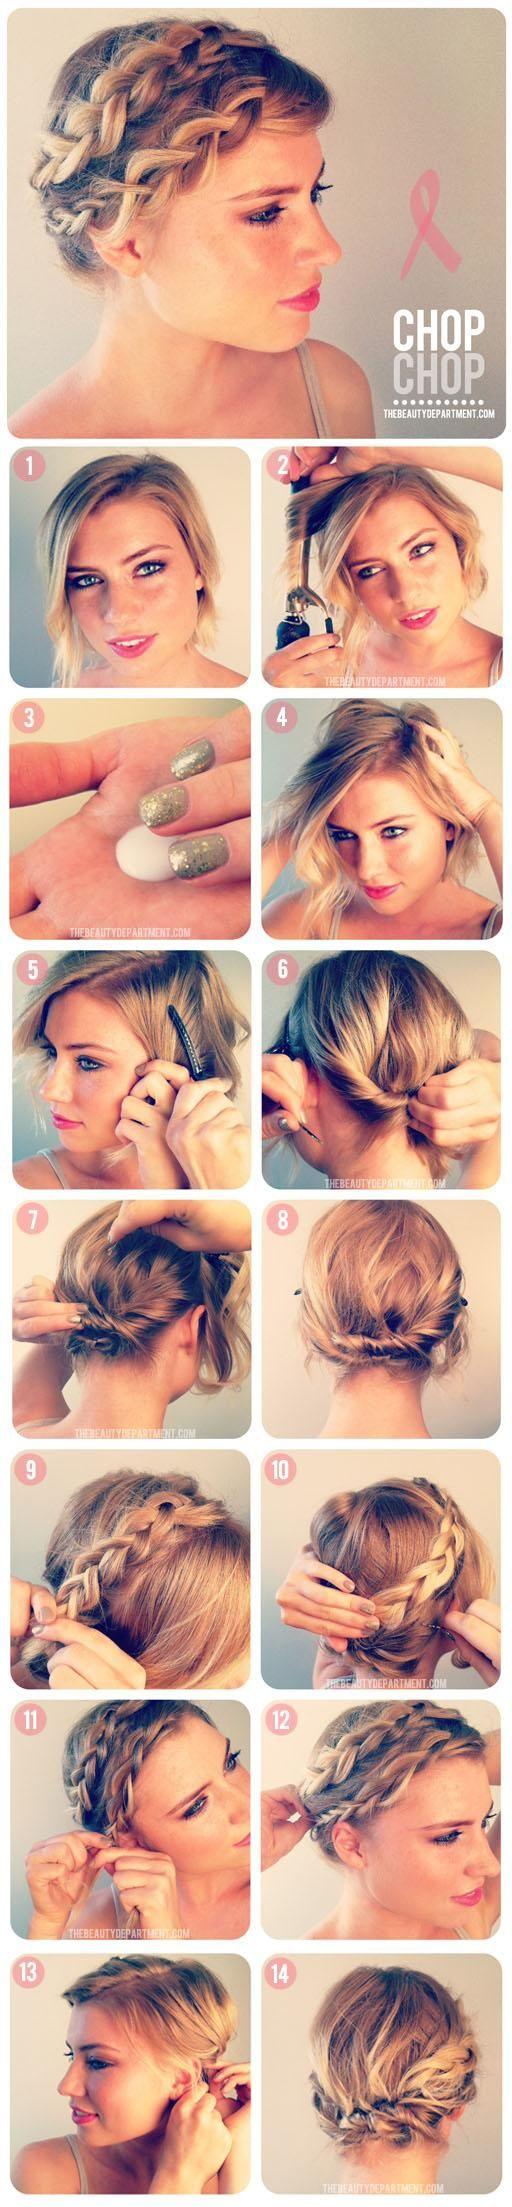 DIY Wedding Hair : DIY BRAIDING SHORT HAIR